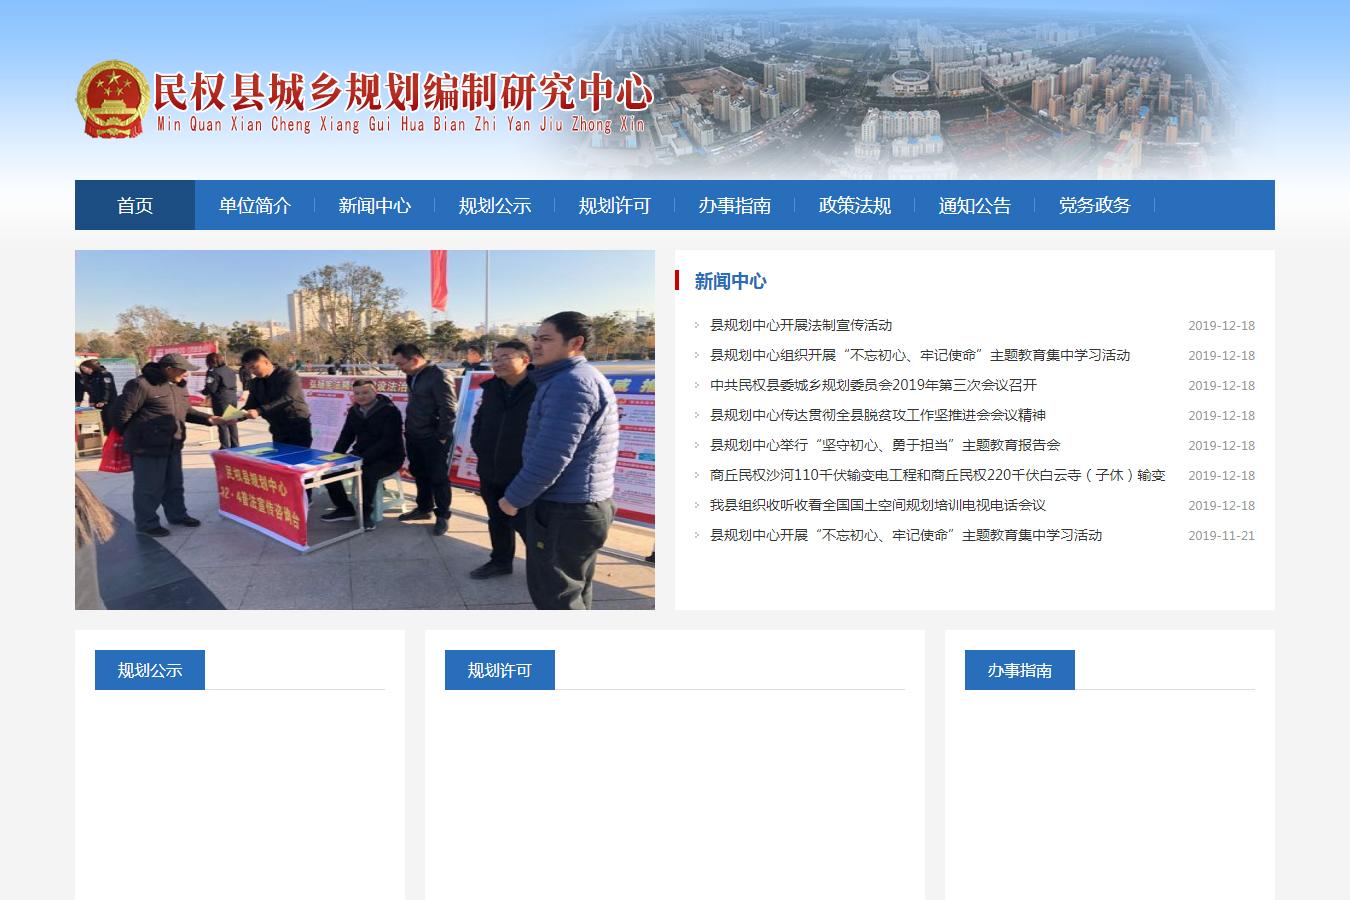 民权县城乡规划编制研究中心